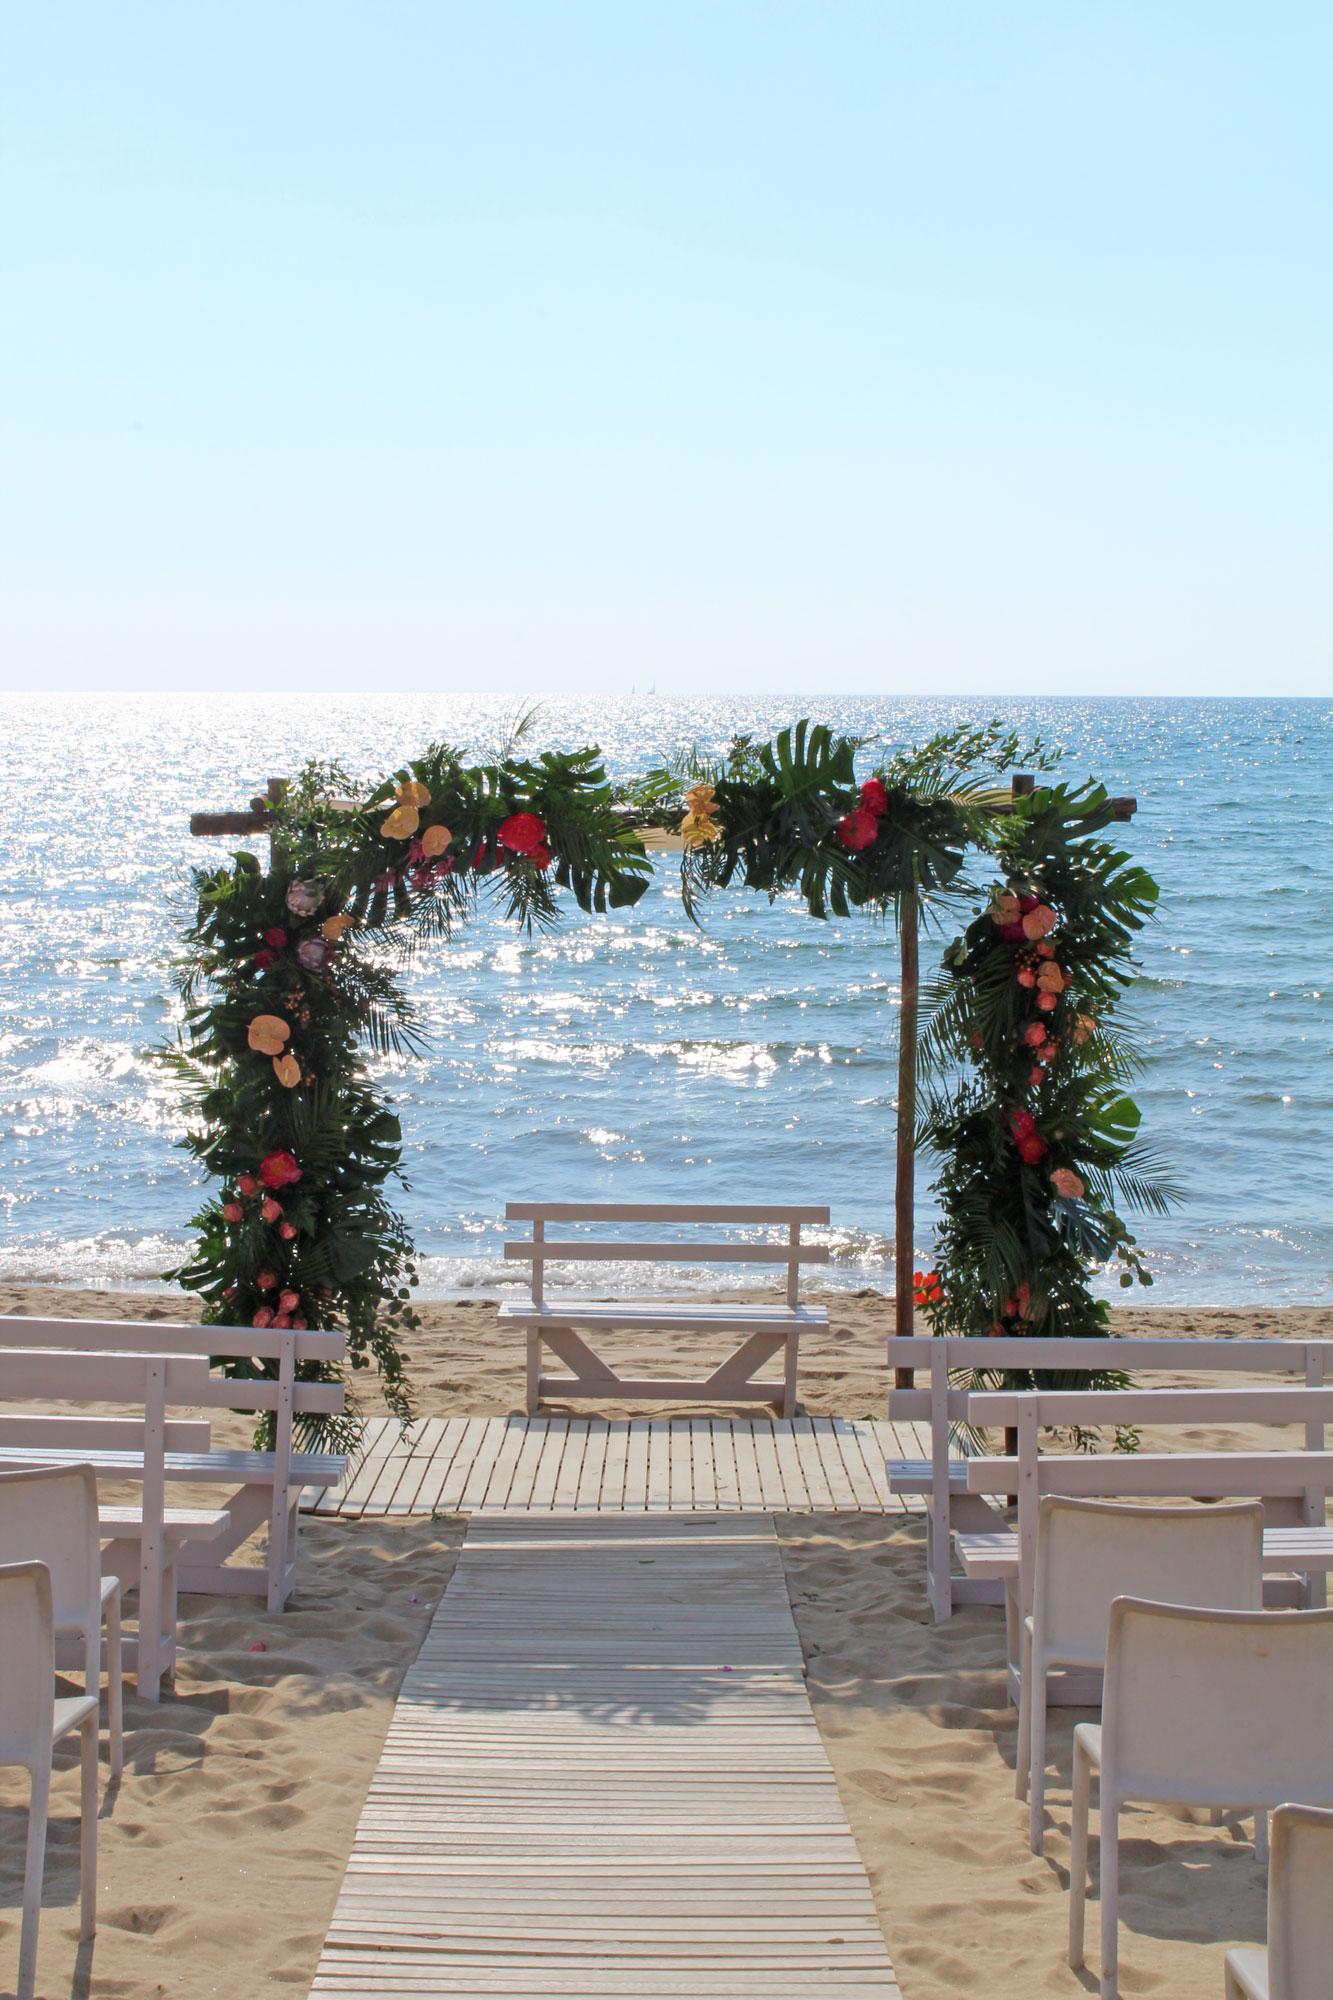 Matrimonio Spiaggia Sabaudia : E e: matrimonio tropical sulla spiaggia ilaria marrocco design